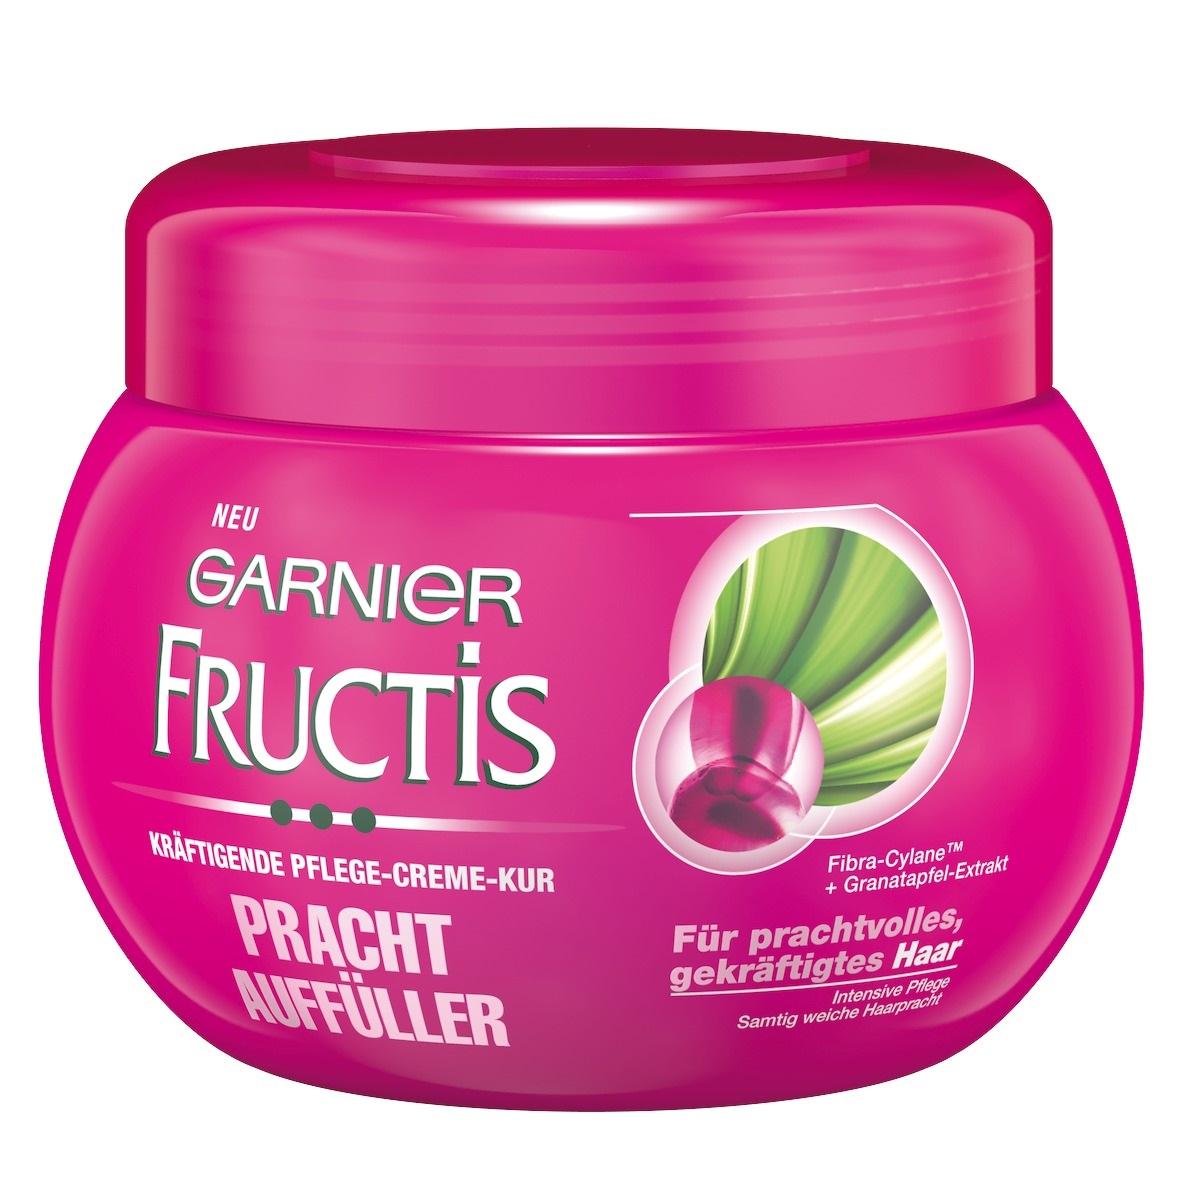 Garnier Creme-Kur Prachtauffüller 300 ml